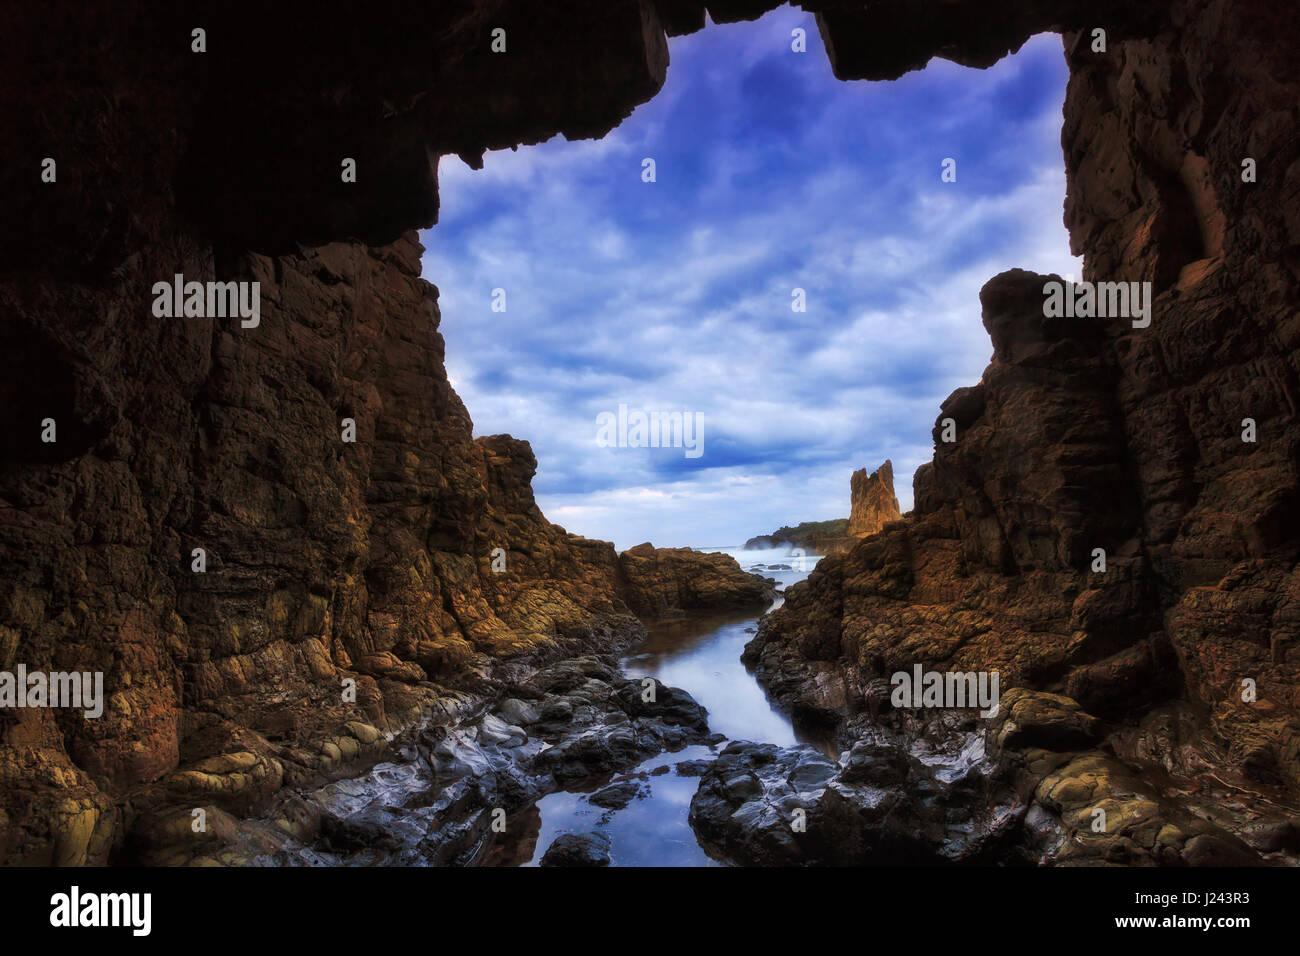 Grotte rocheuse vers la mer ouverte au coucher du soleil près de la plage et des rochers de la cathédrale Photo Stock